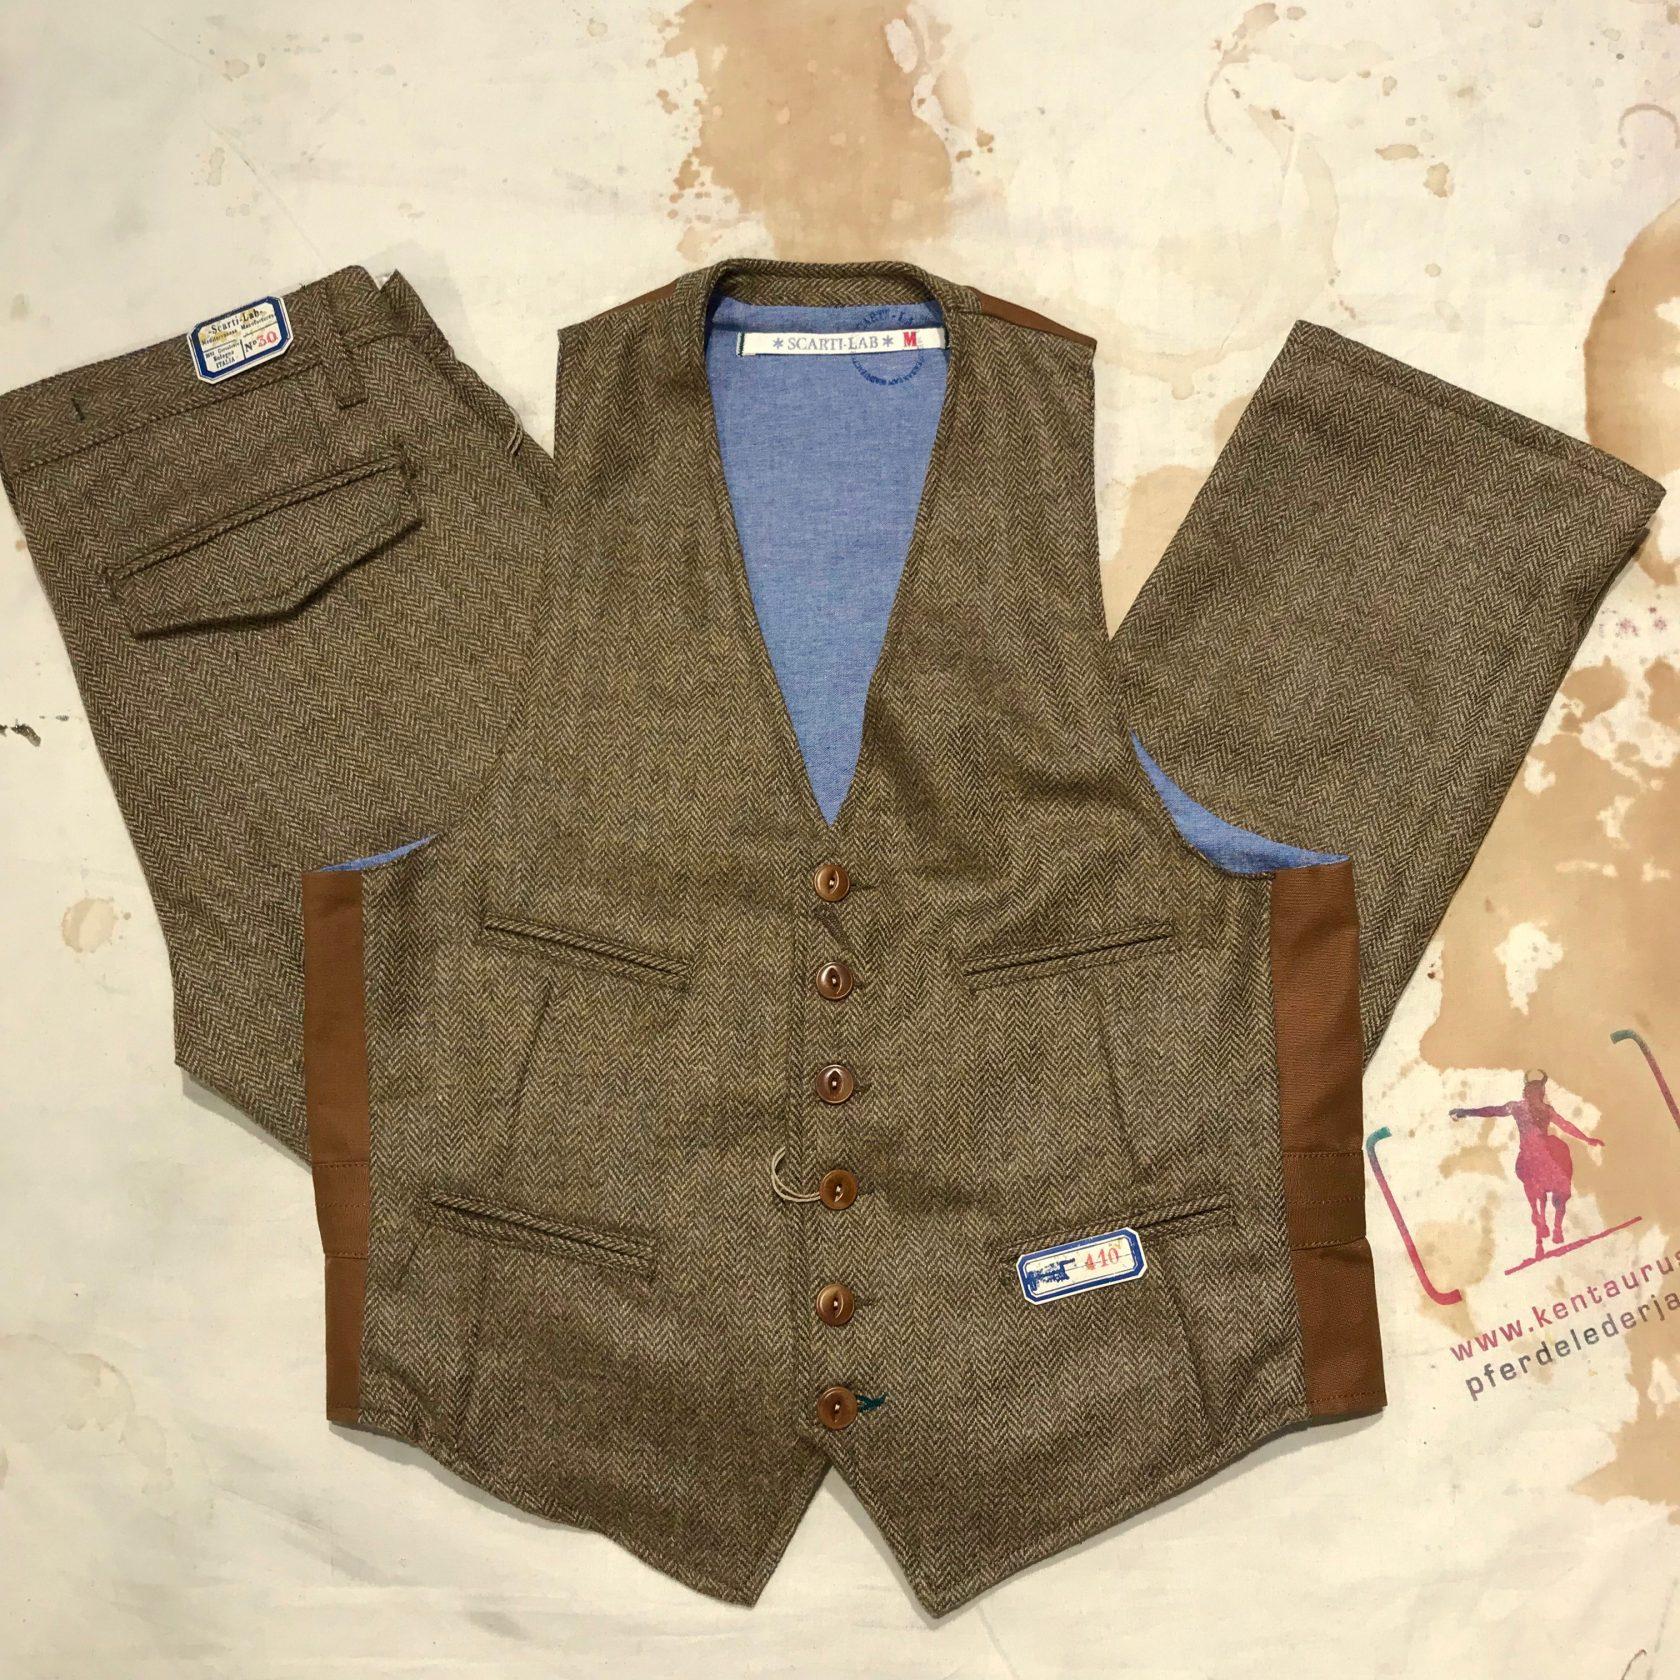 Scartilab herringbone wool vest and pant khaki